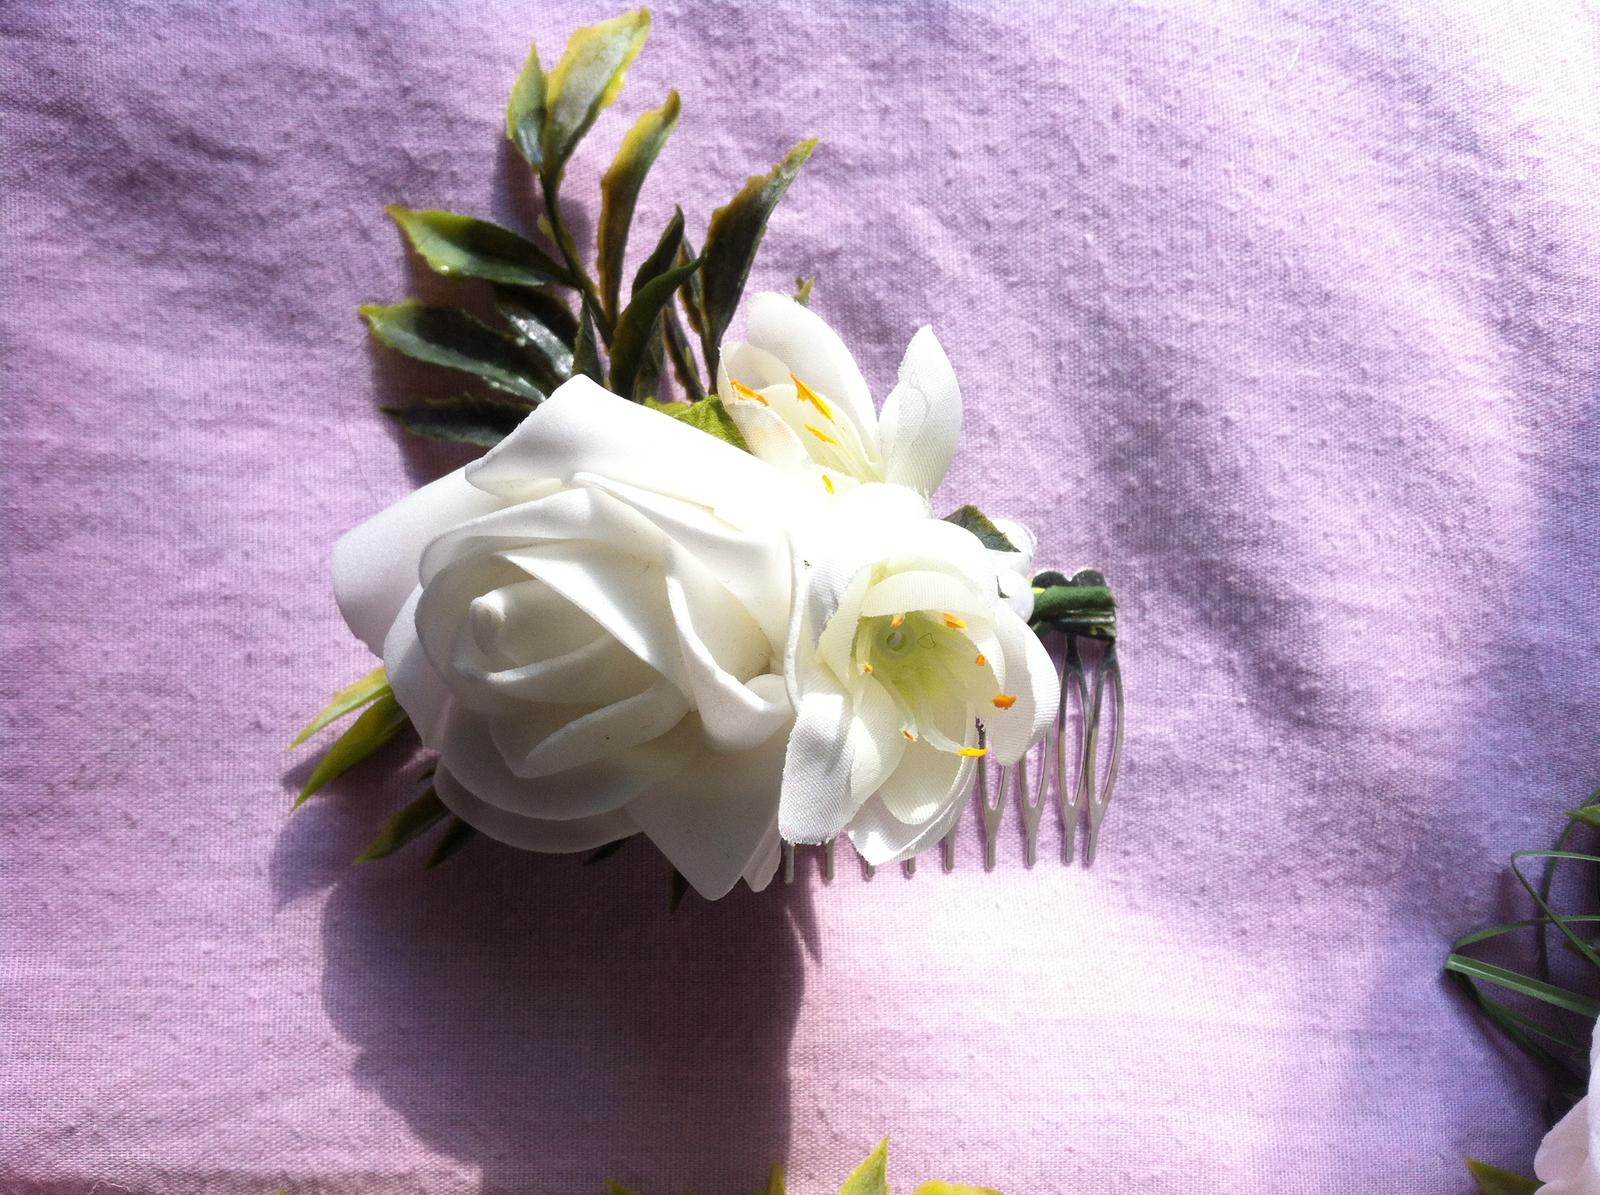 Netradiční svatební kytice - pěnové růžičky + polštářky pod prstýnky, košíčky - Obrázek č. 66